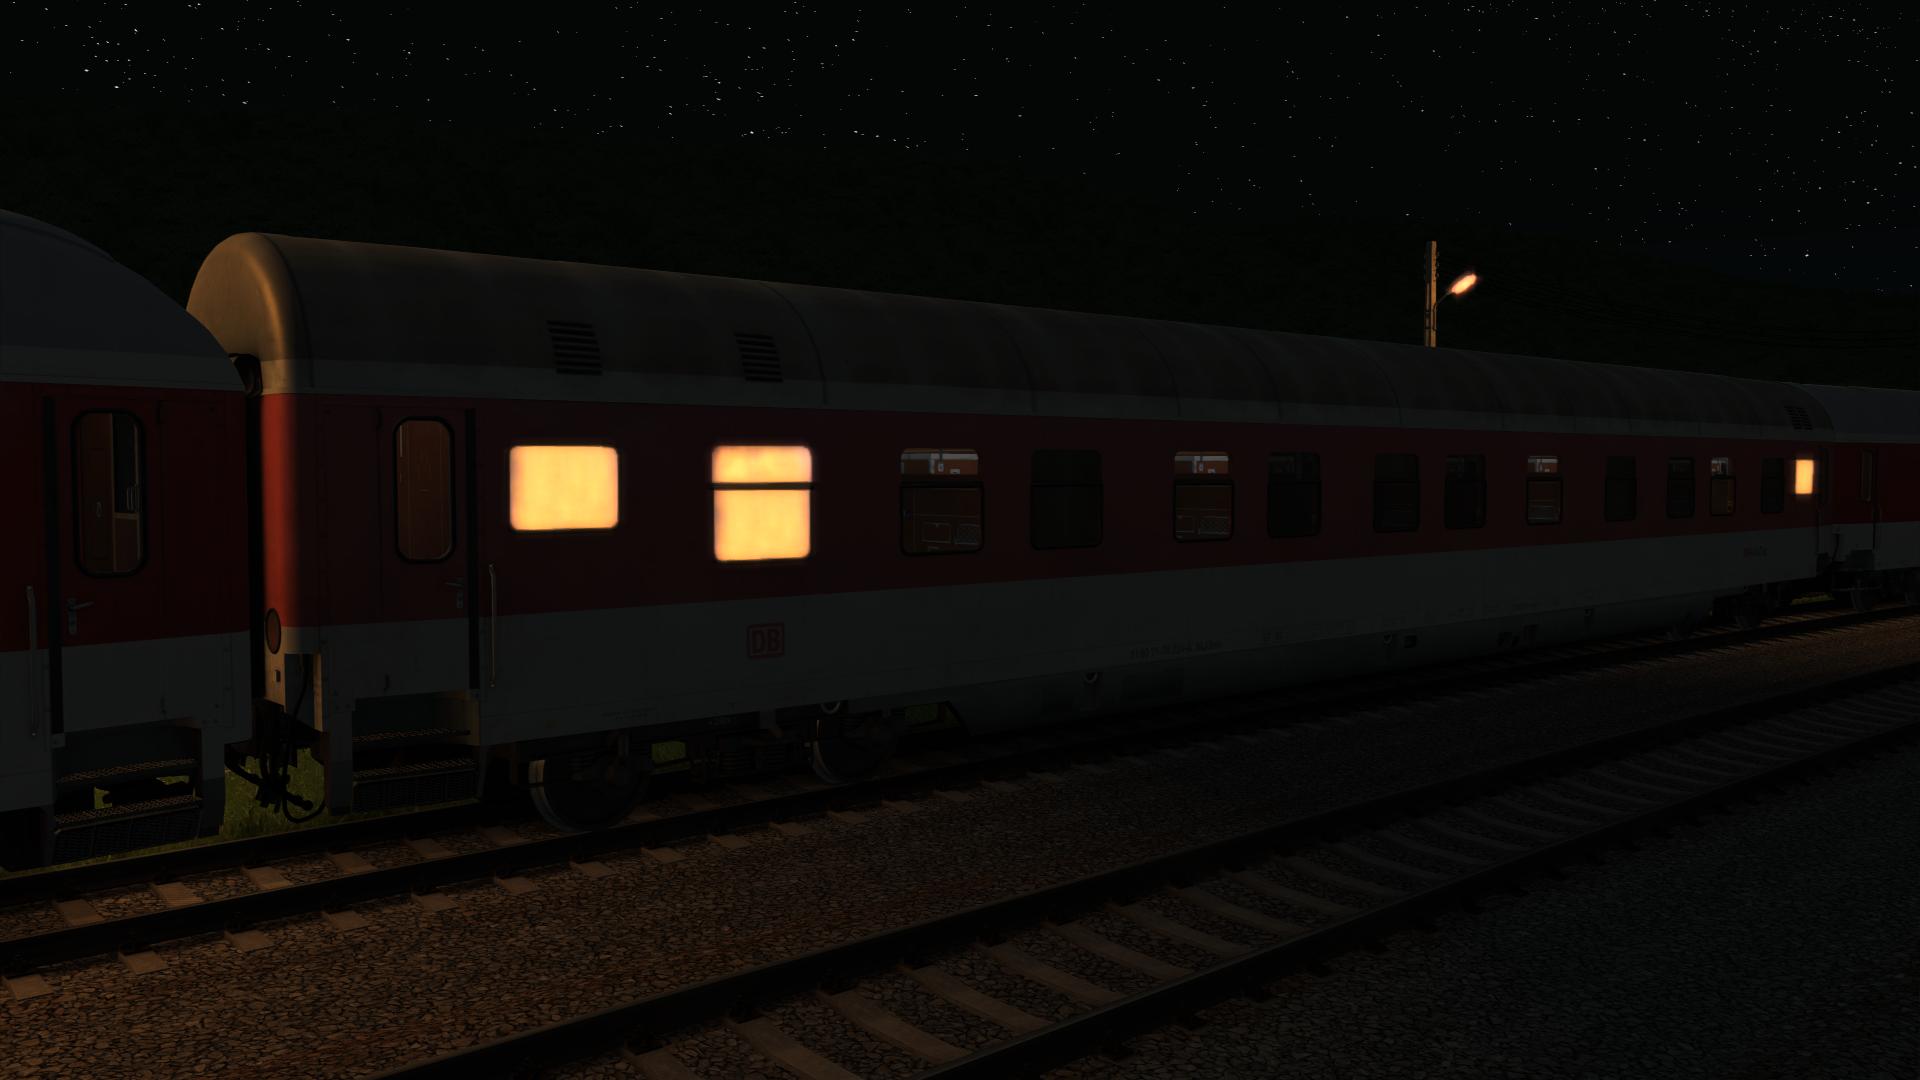 RailWorks64 2021-03-21 15-40-46